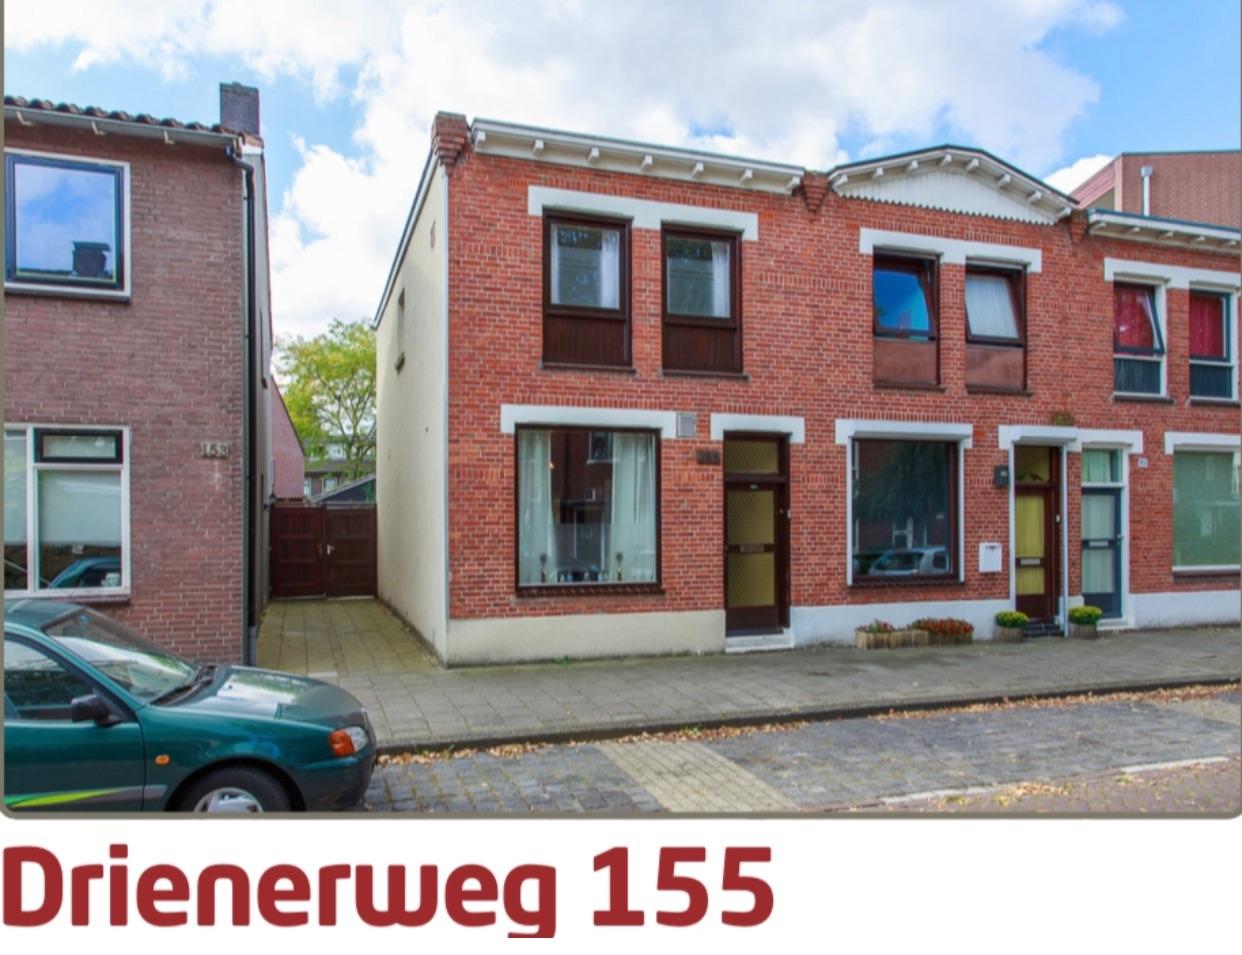 Kamer te huur aan de Drienerweg in Enschede